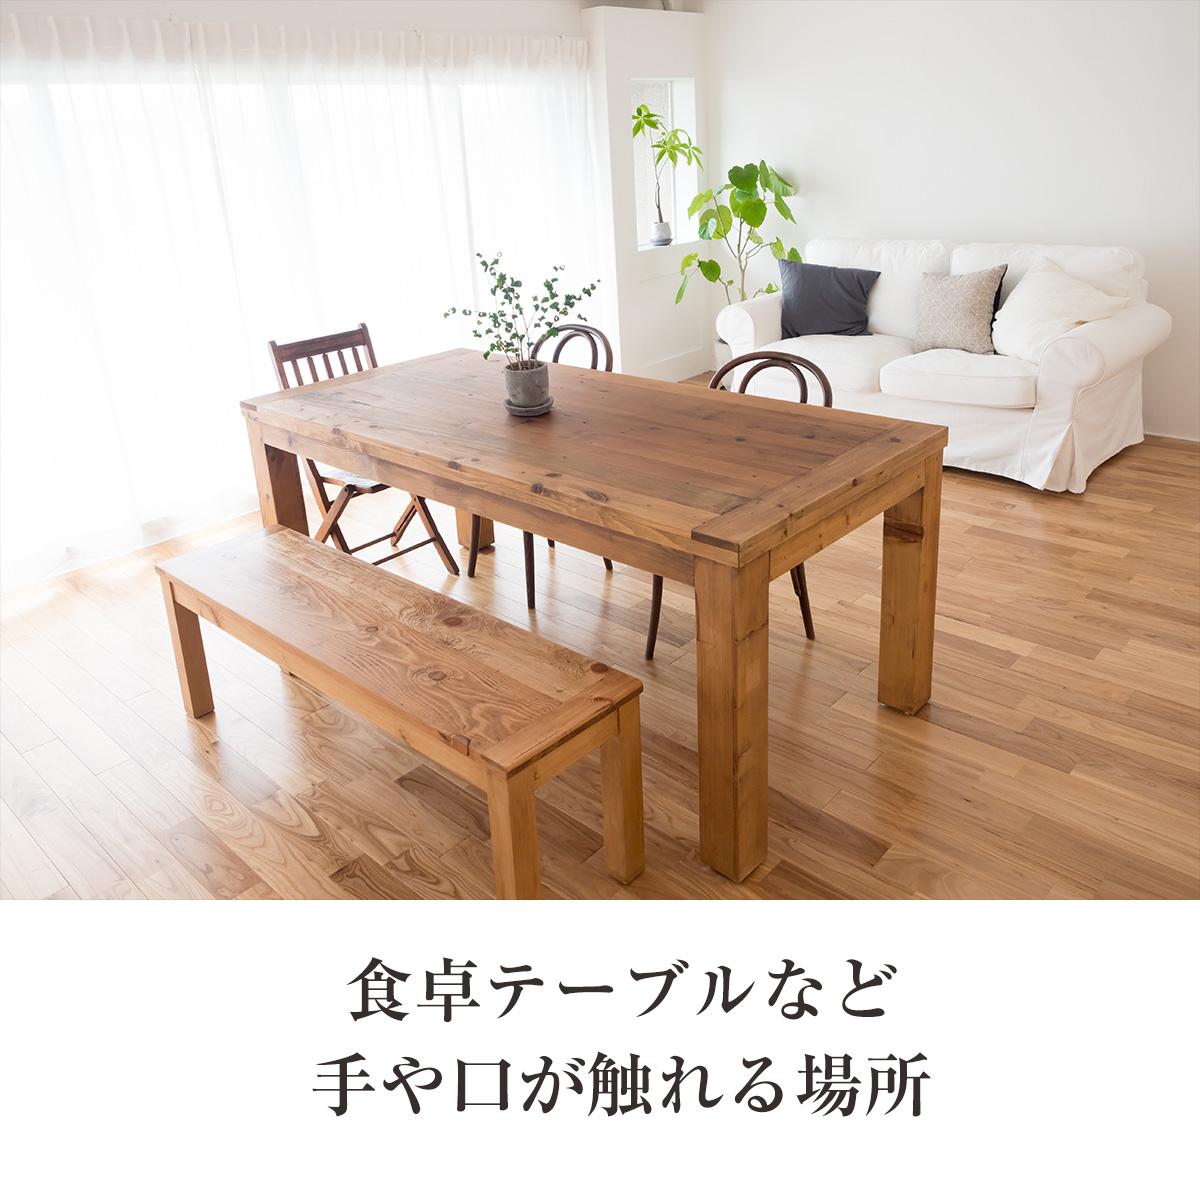 食卓テーブルなど手や口が触れる場所